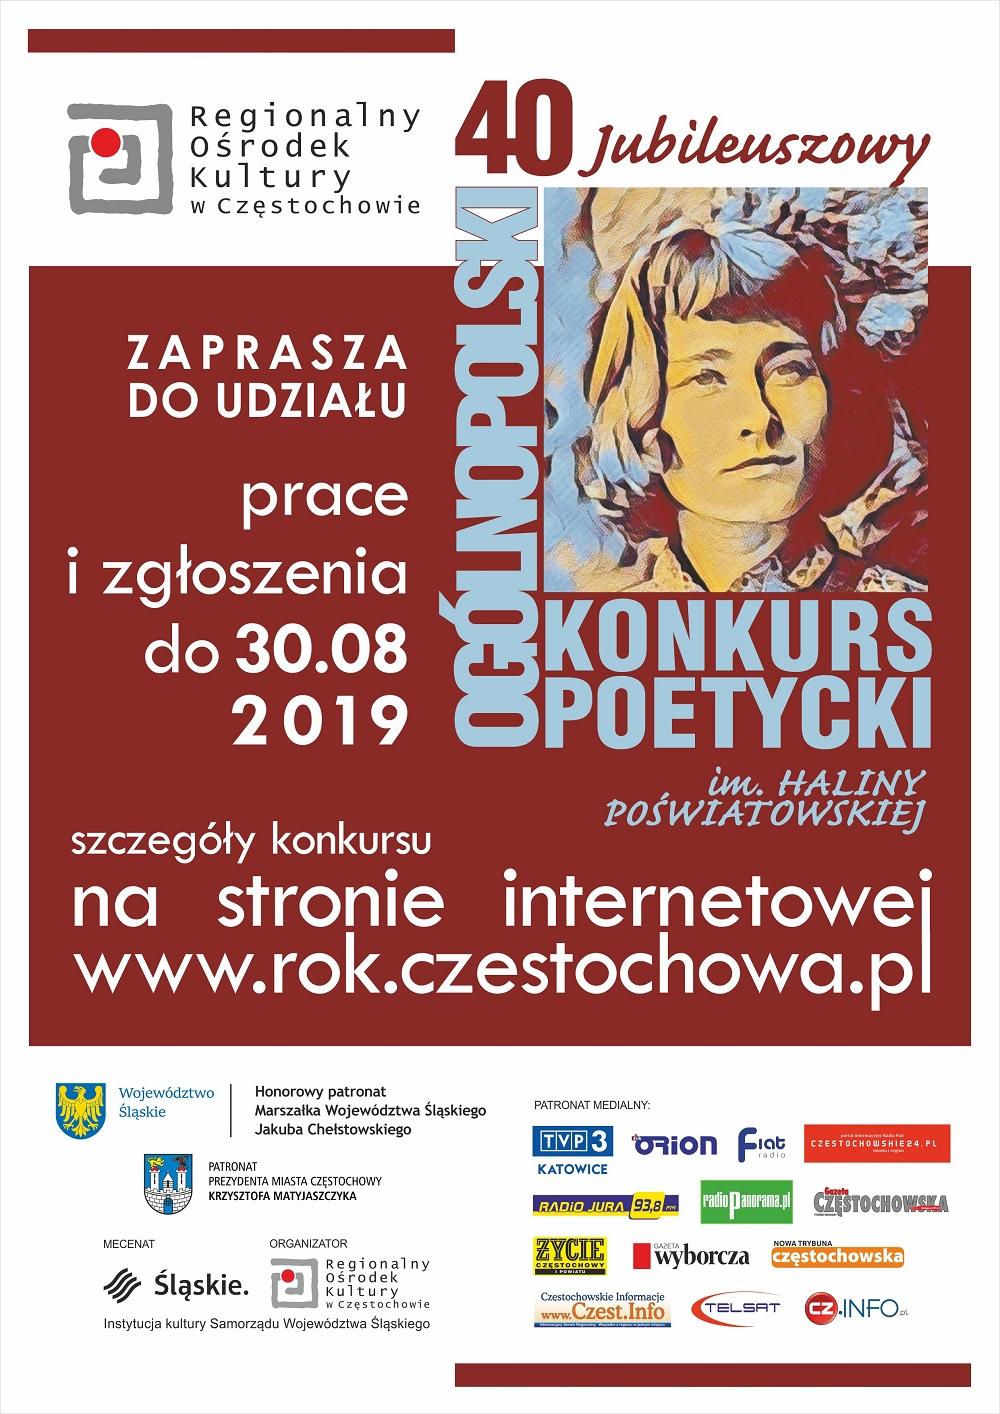 40. Ogólnopolski Konkurs Poetycki im. Haliny Poświatowskiej